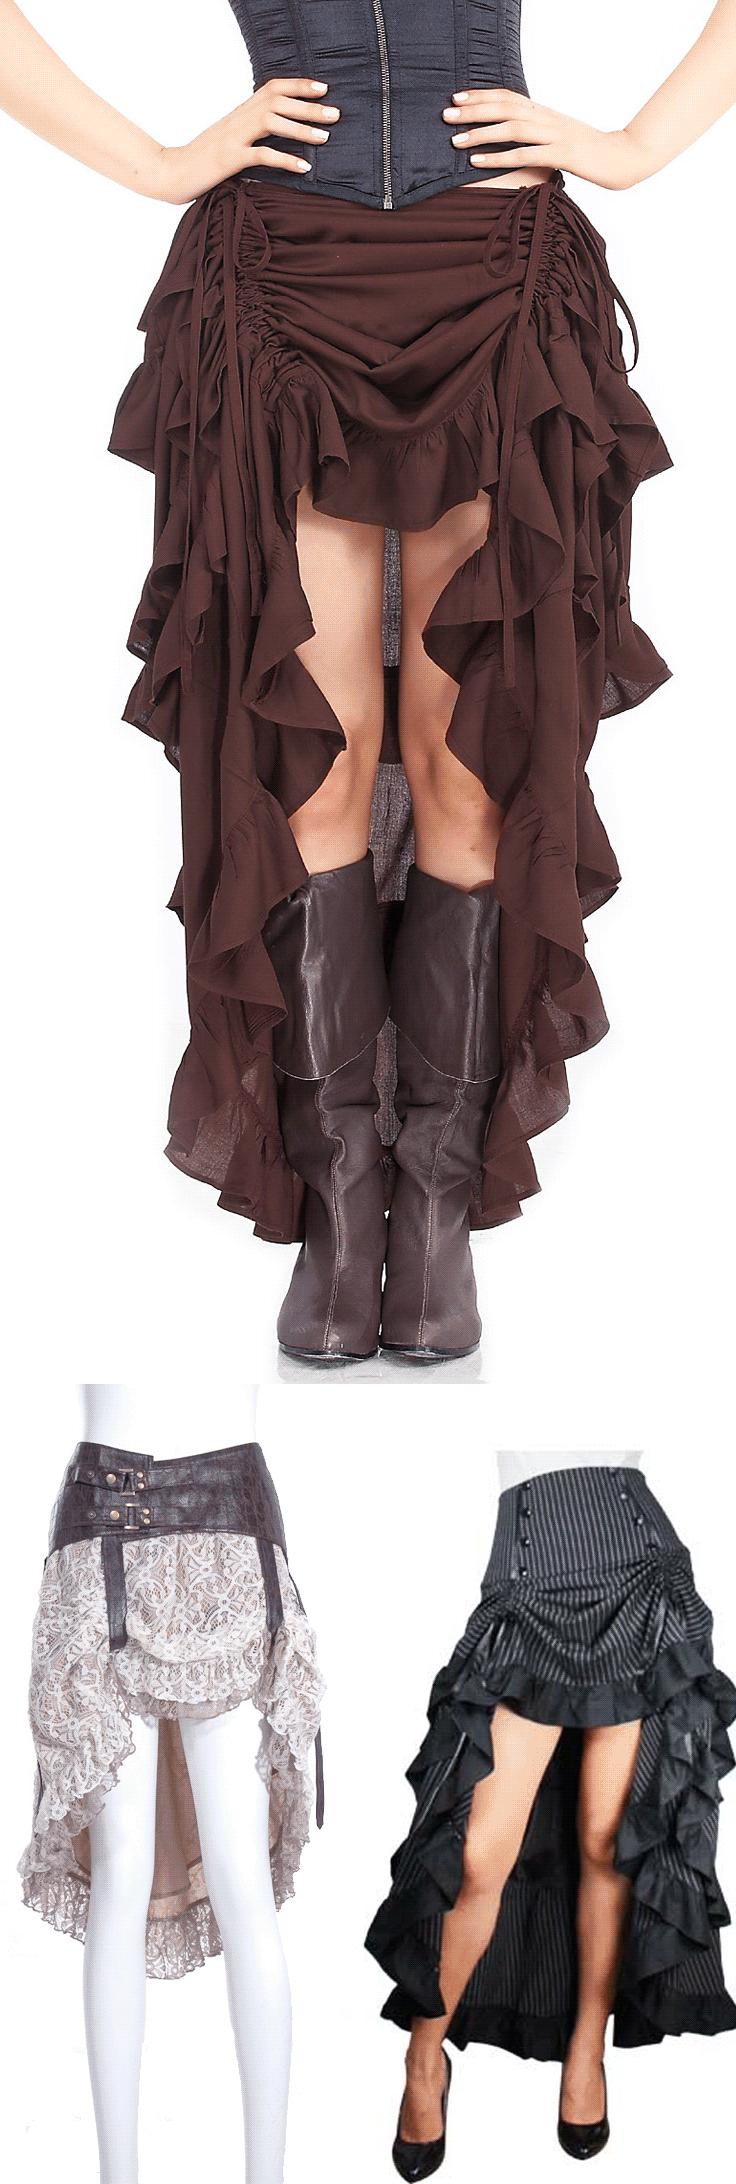 Shop goth steampunk skirts at RebelsMarket. | Steampunk & Victorian ...